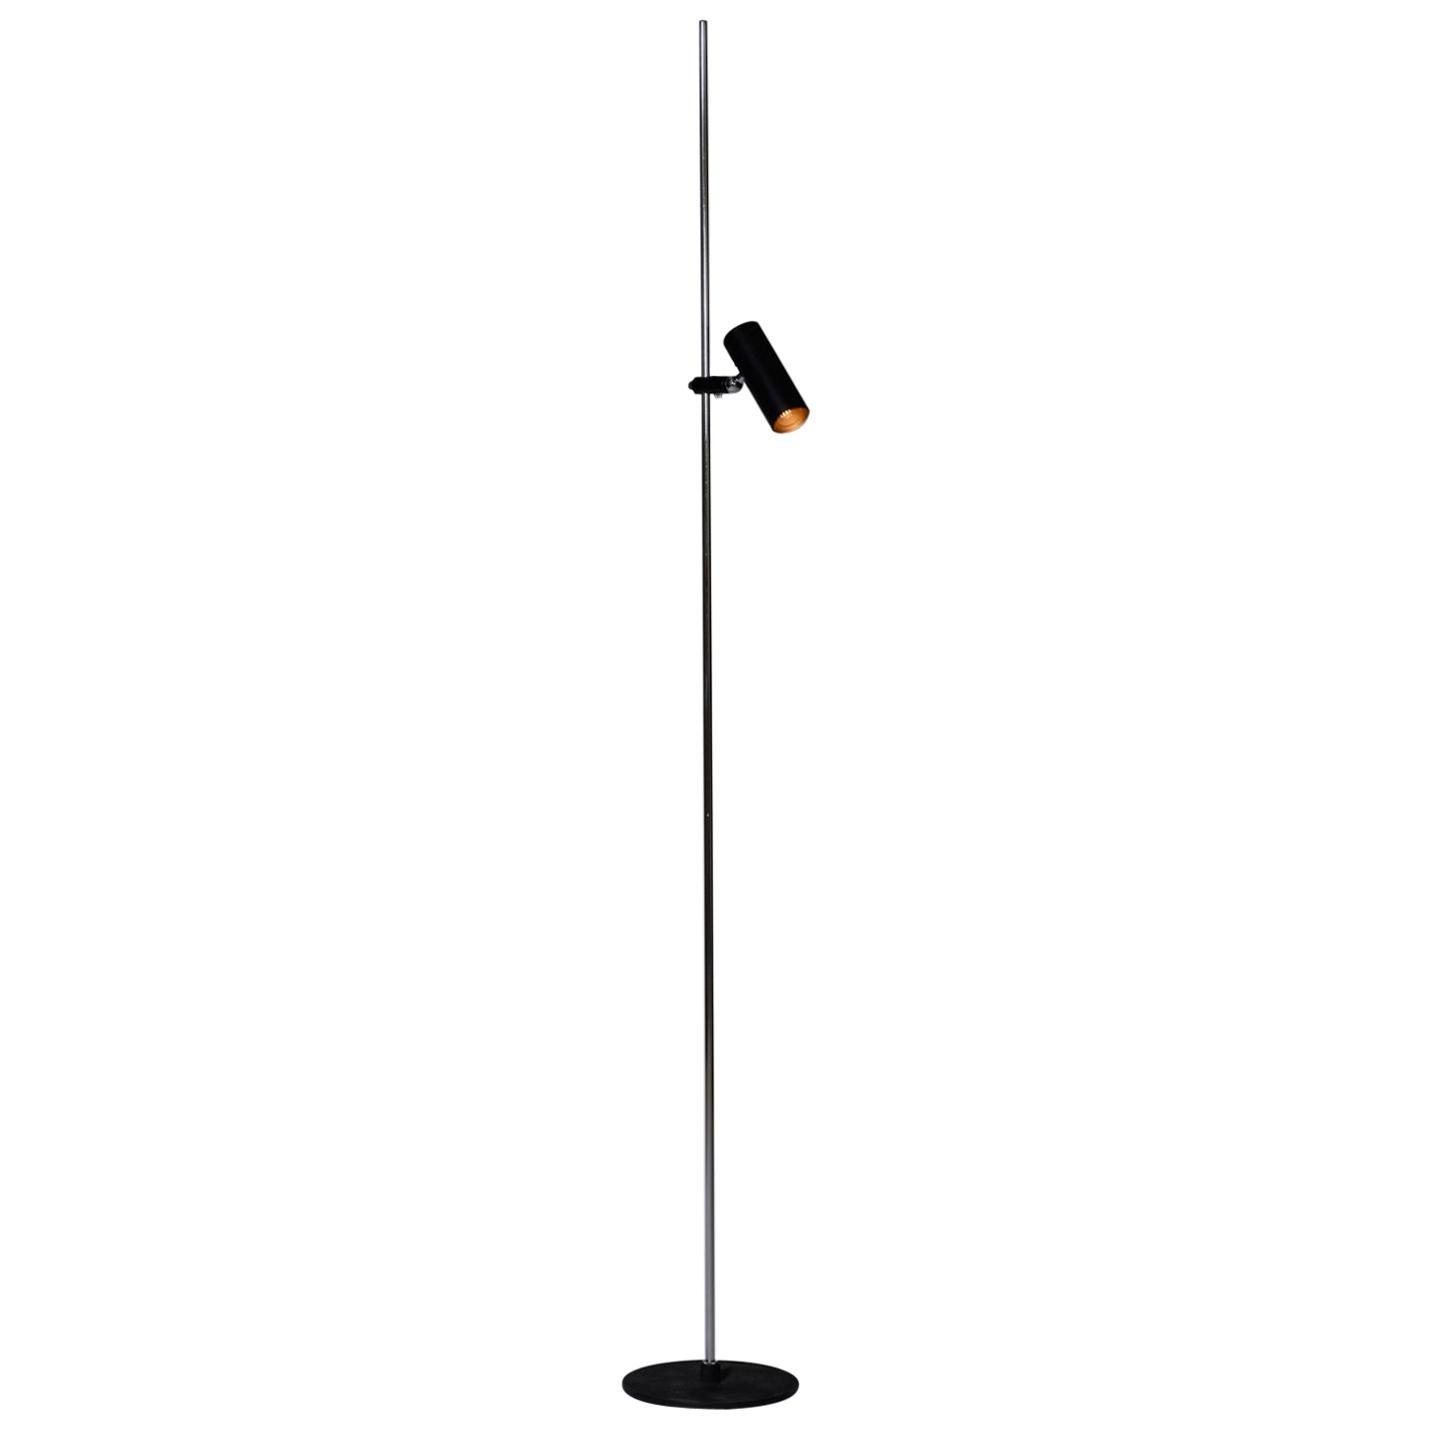 Gino Sarfatti 'Model 1055' Adjustable Floor Lamp for Arteluce, Italy, 1950s